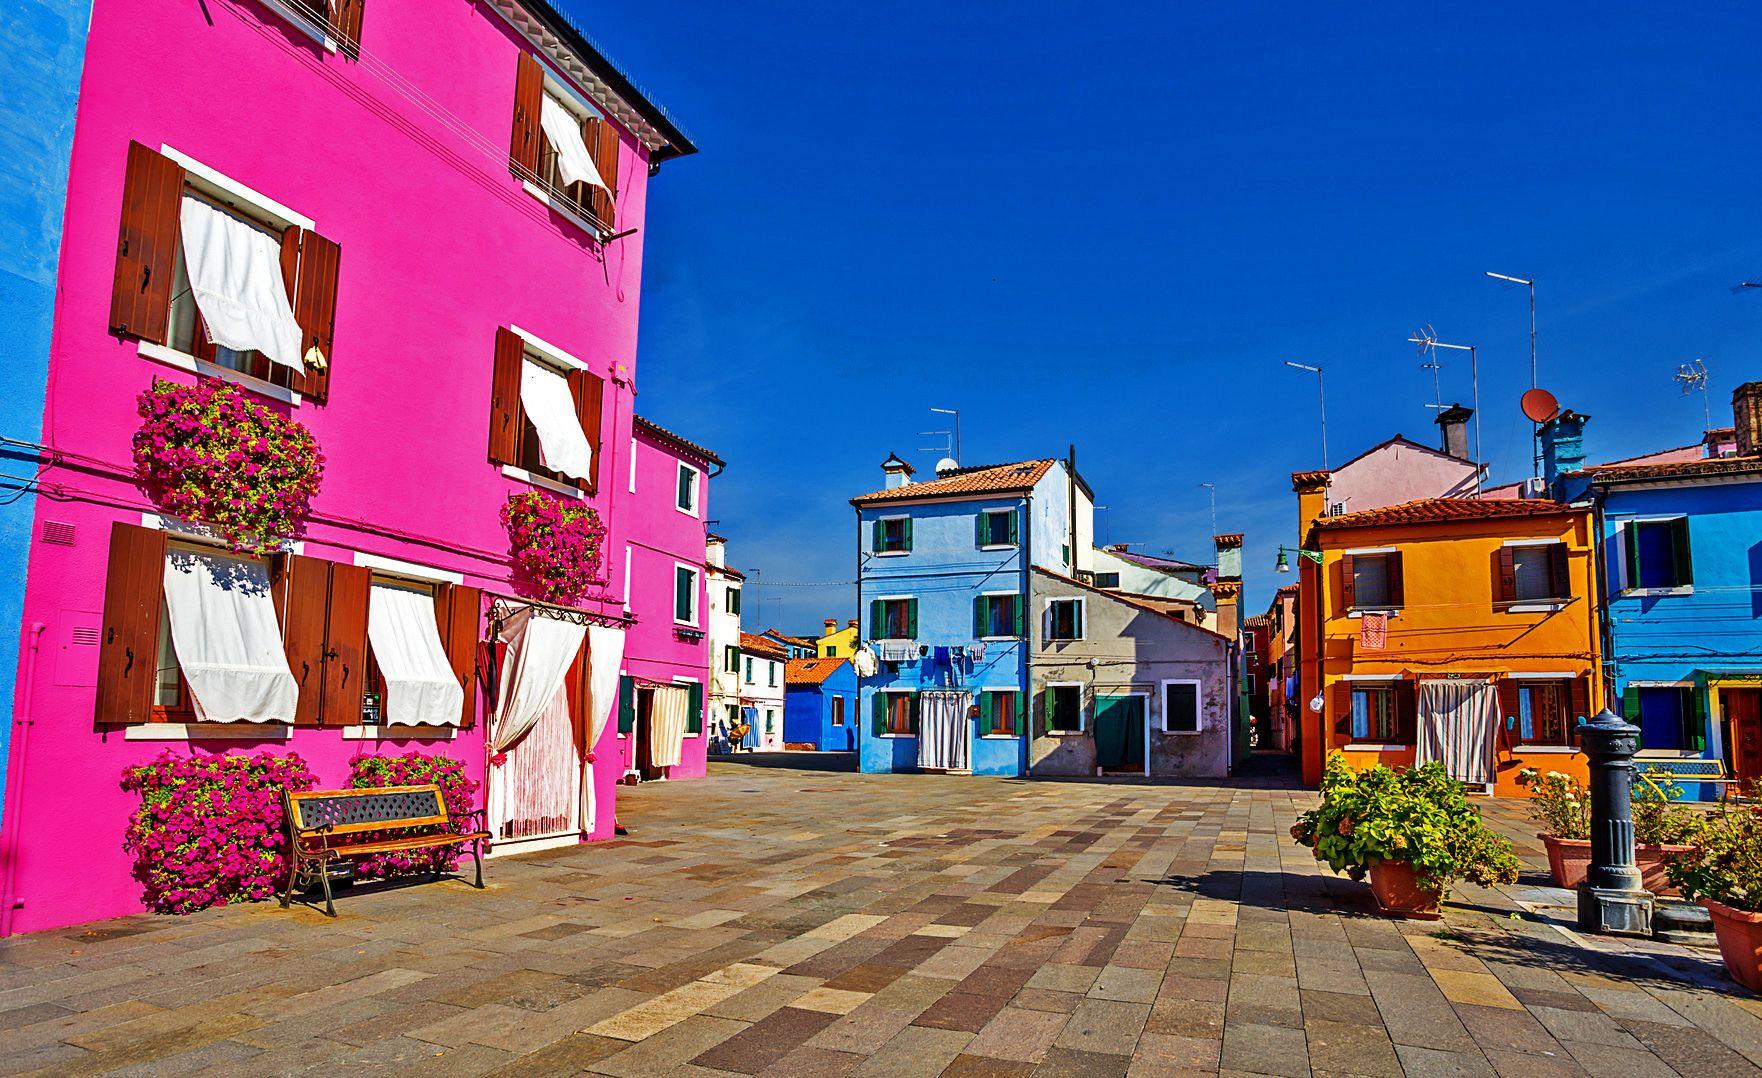 Combo: Murano,Burano & Torcello & Venice Tour & Gondola Ride